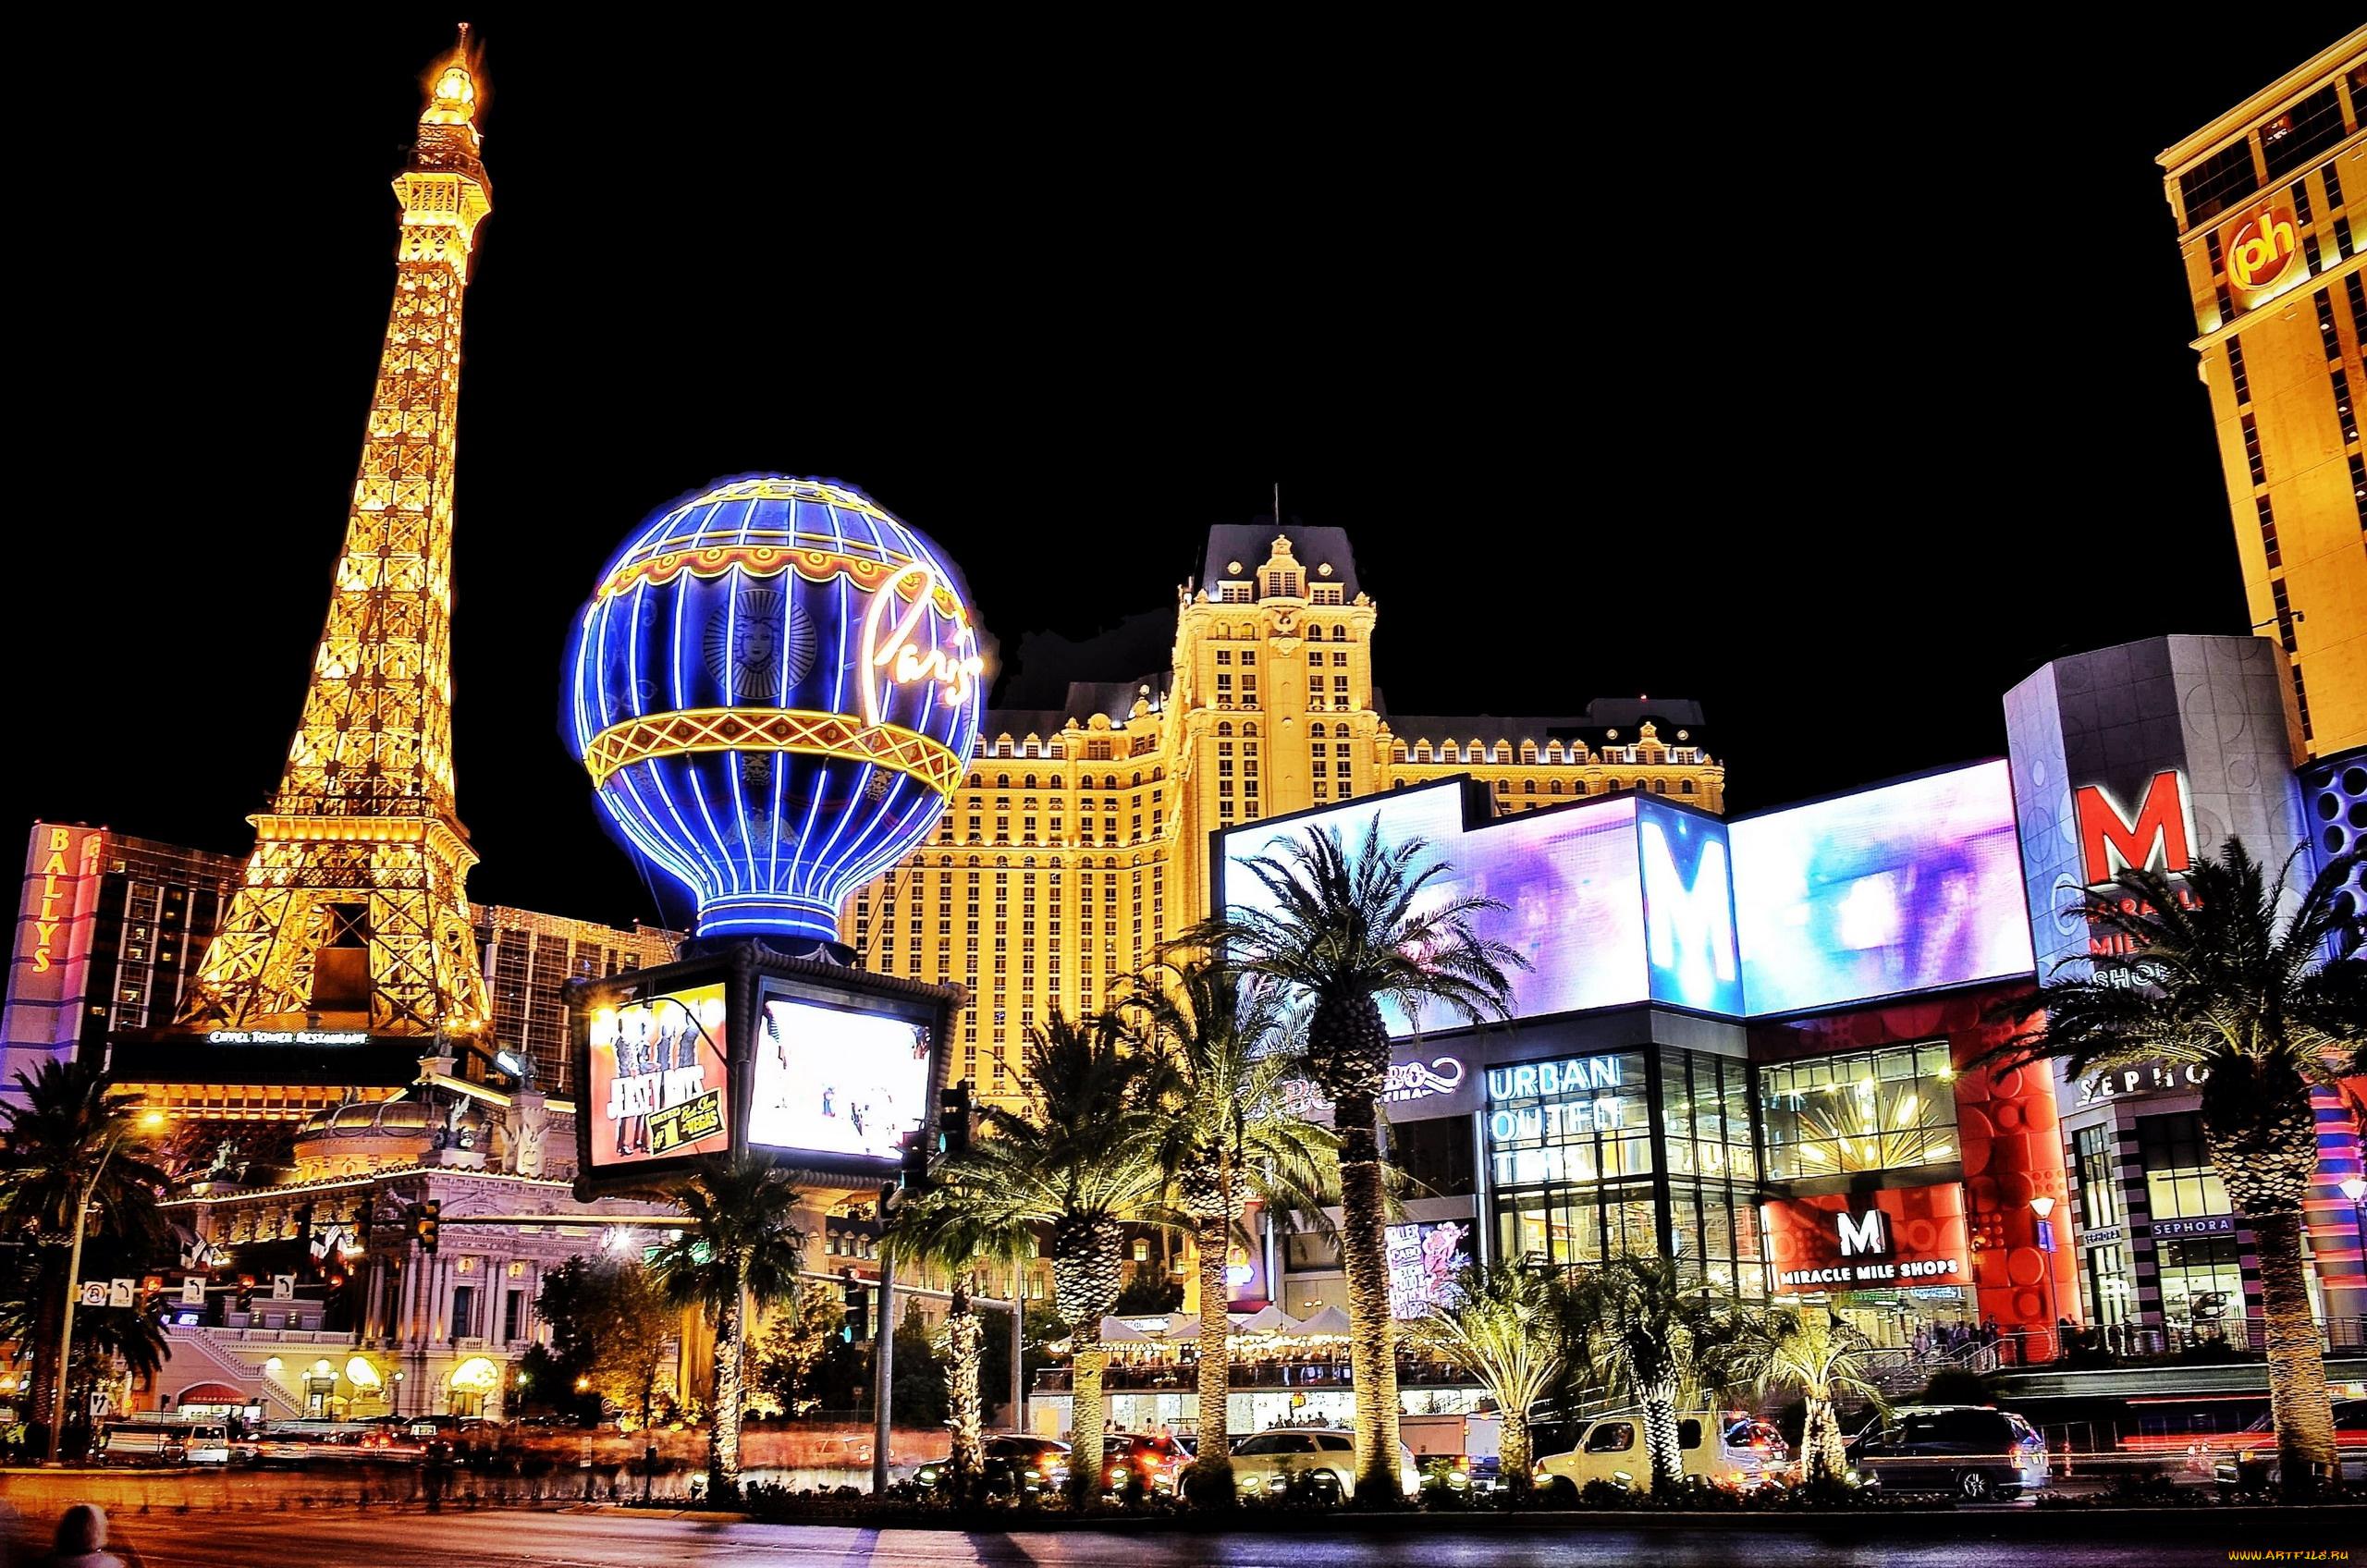 официальный сайт казино лас вегас штат